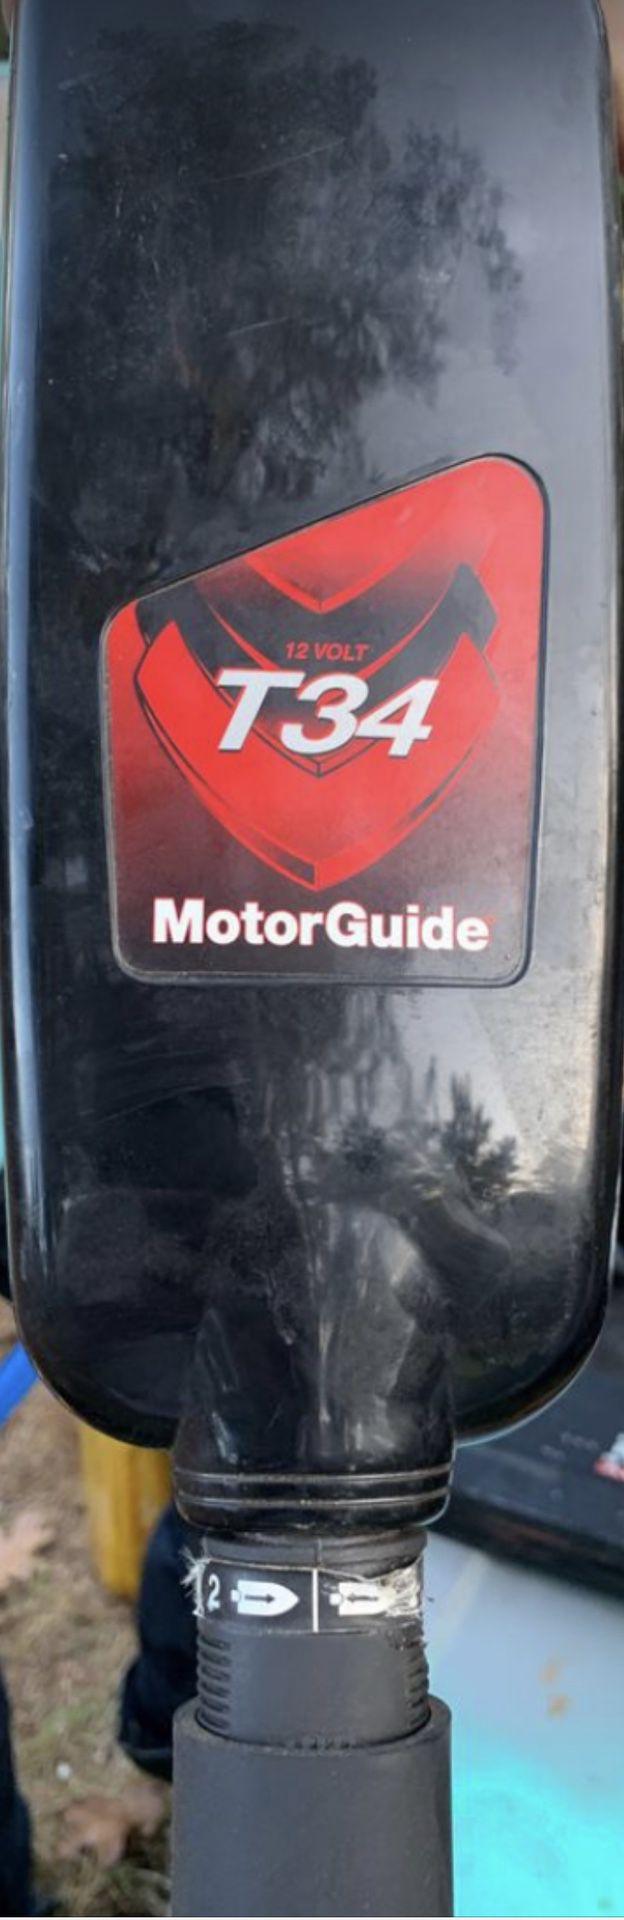 12v trolling motor